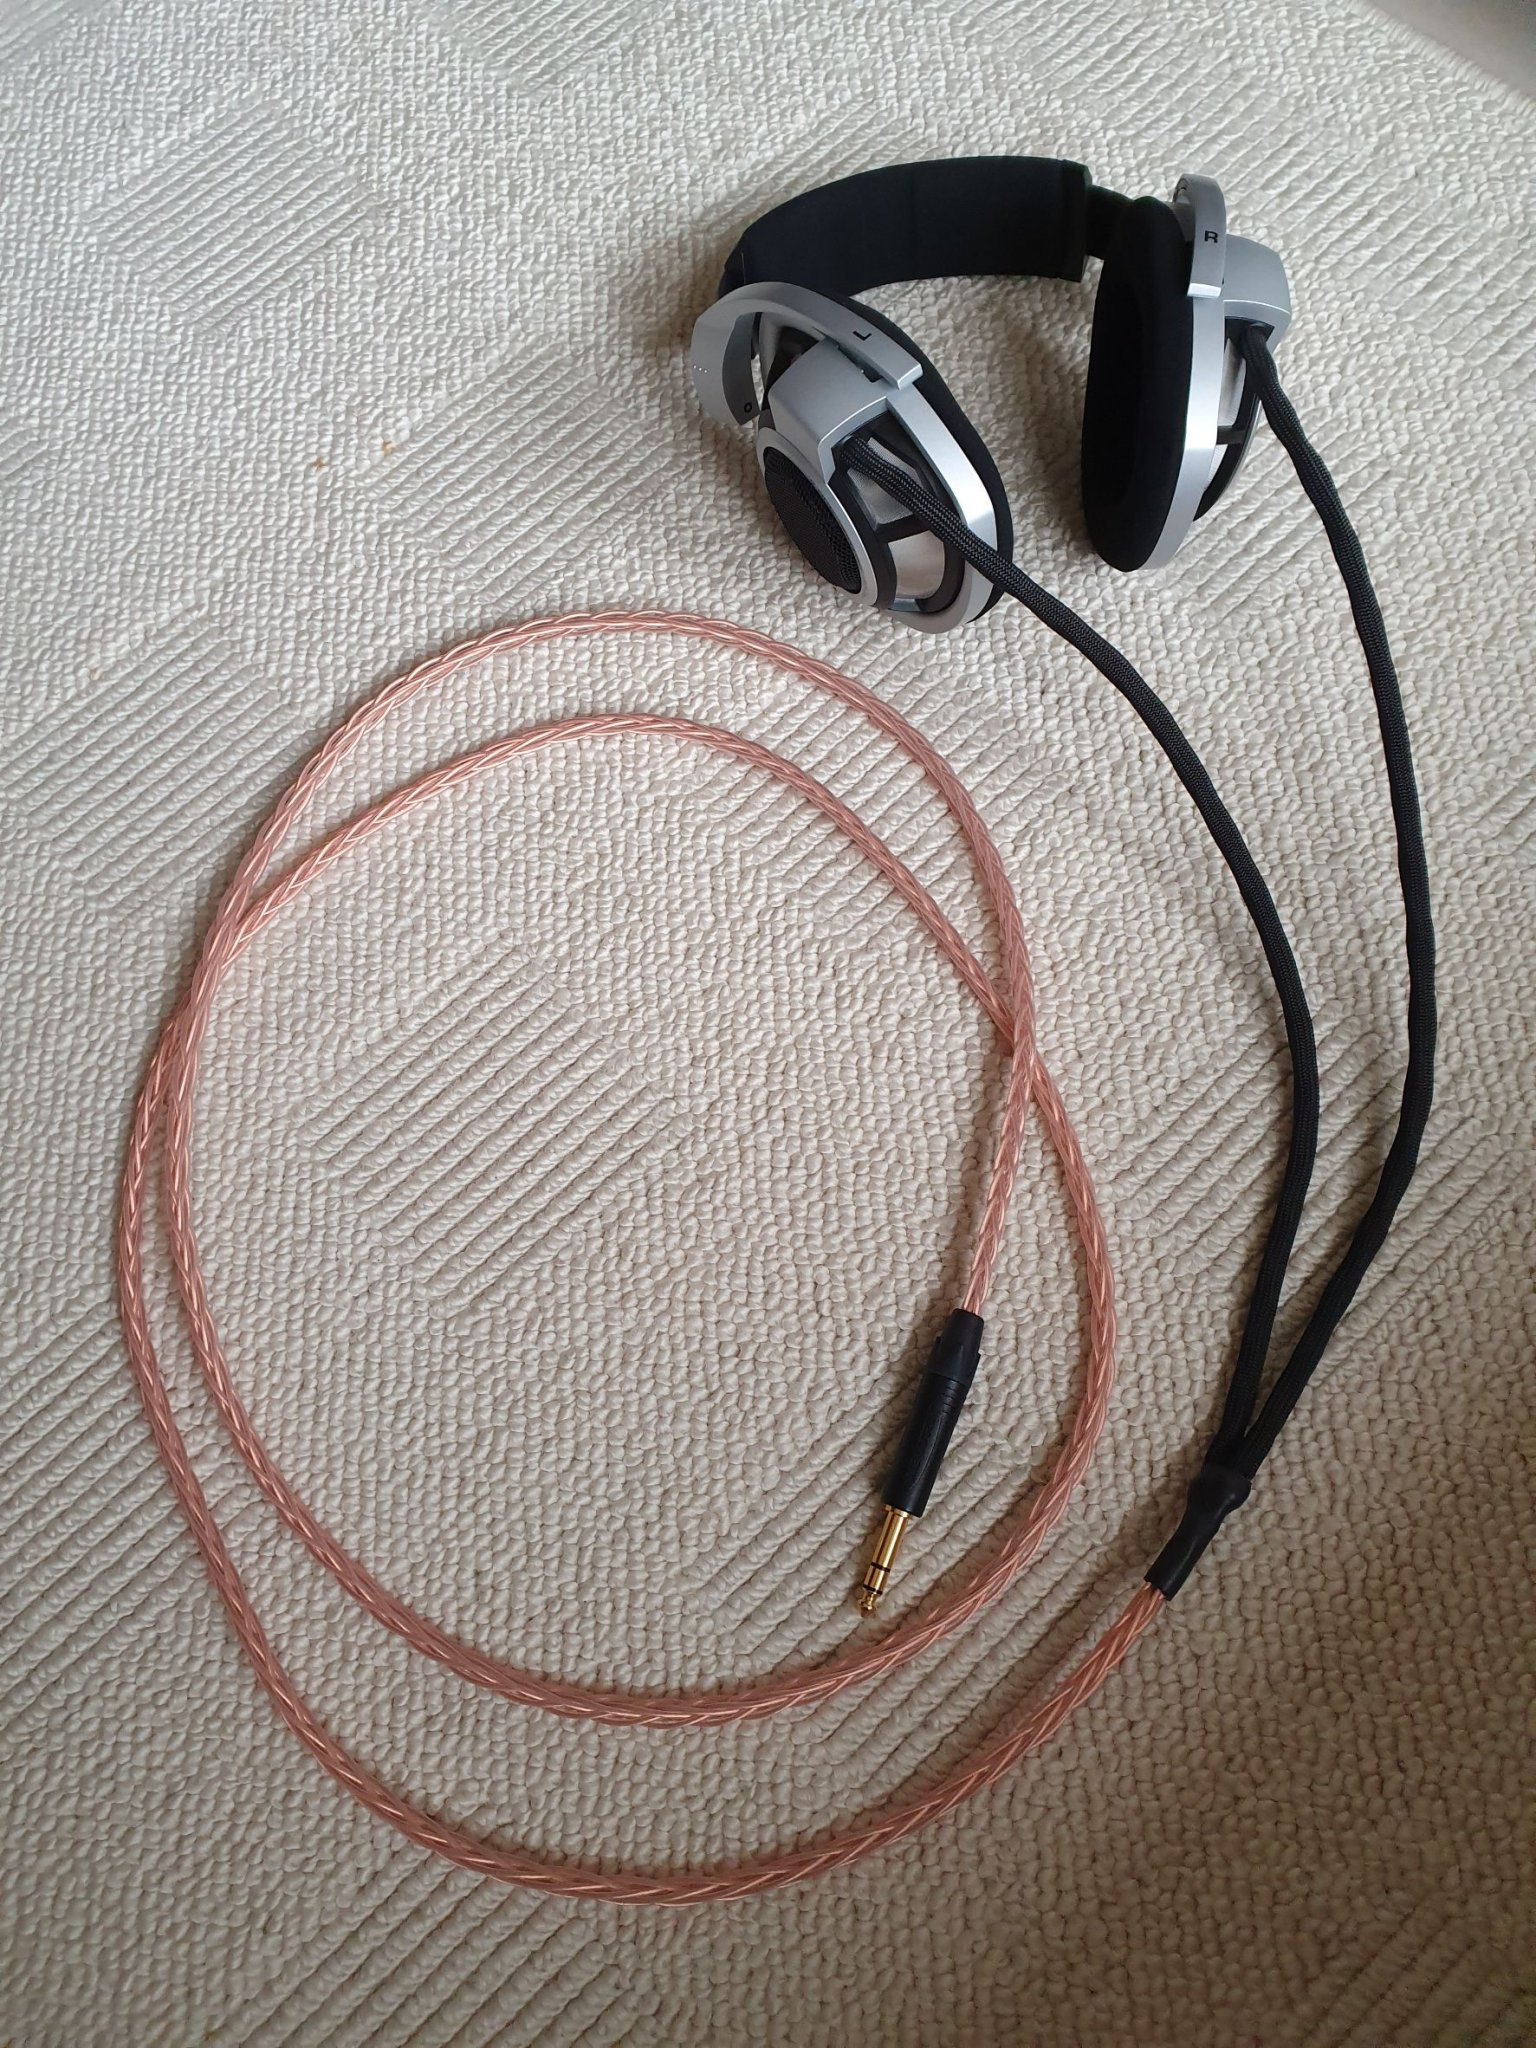 kable8.jpg